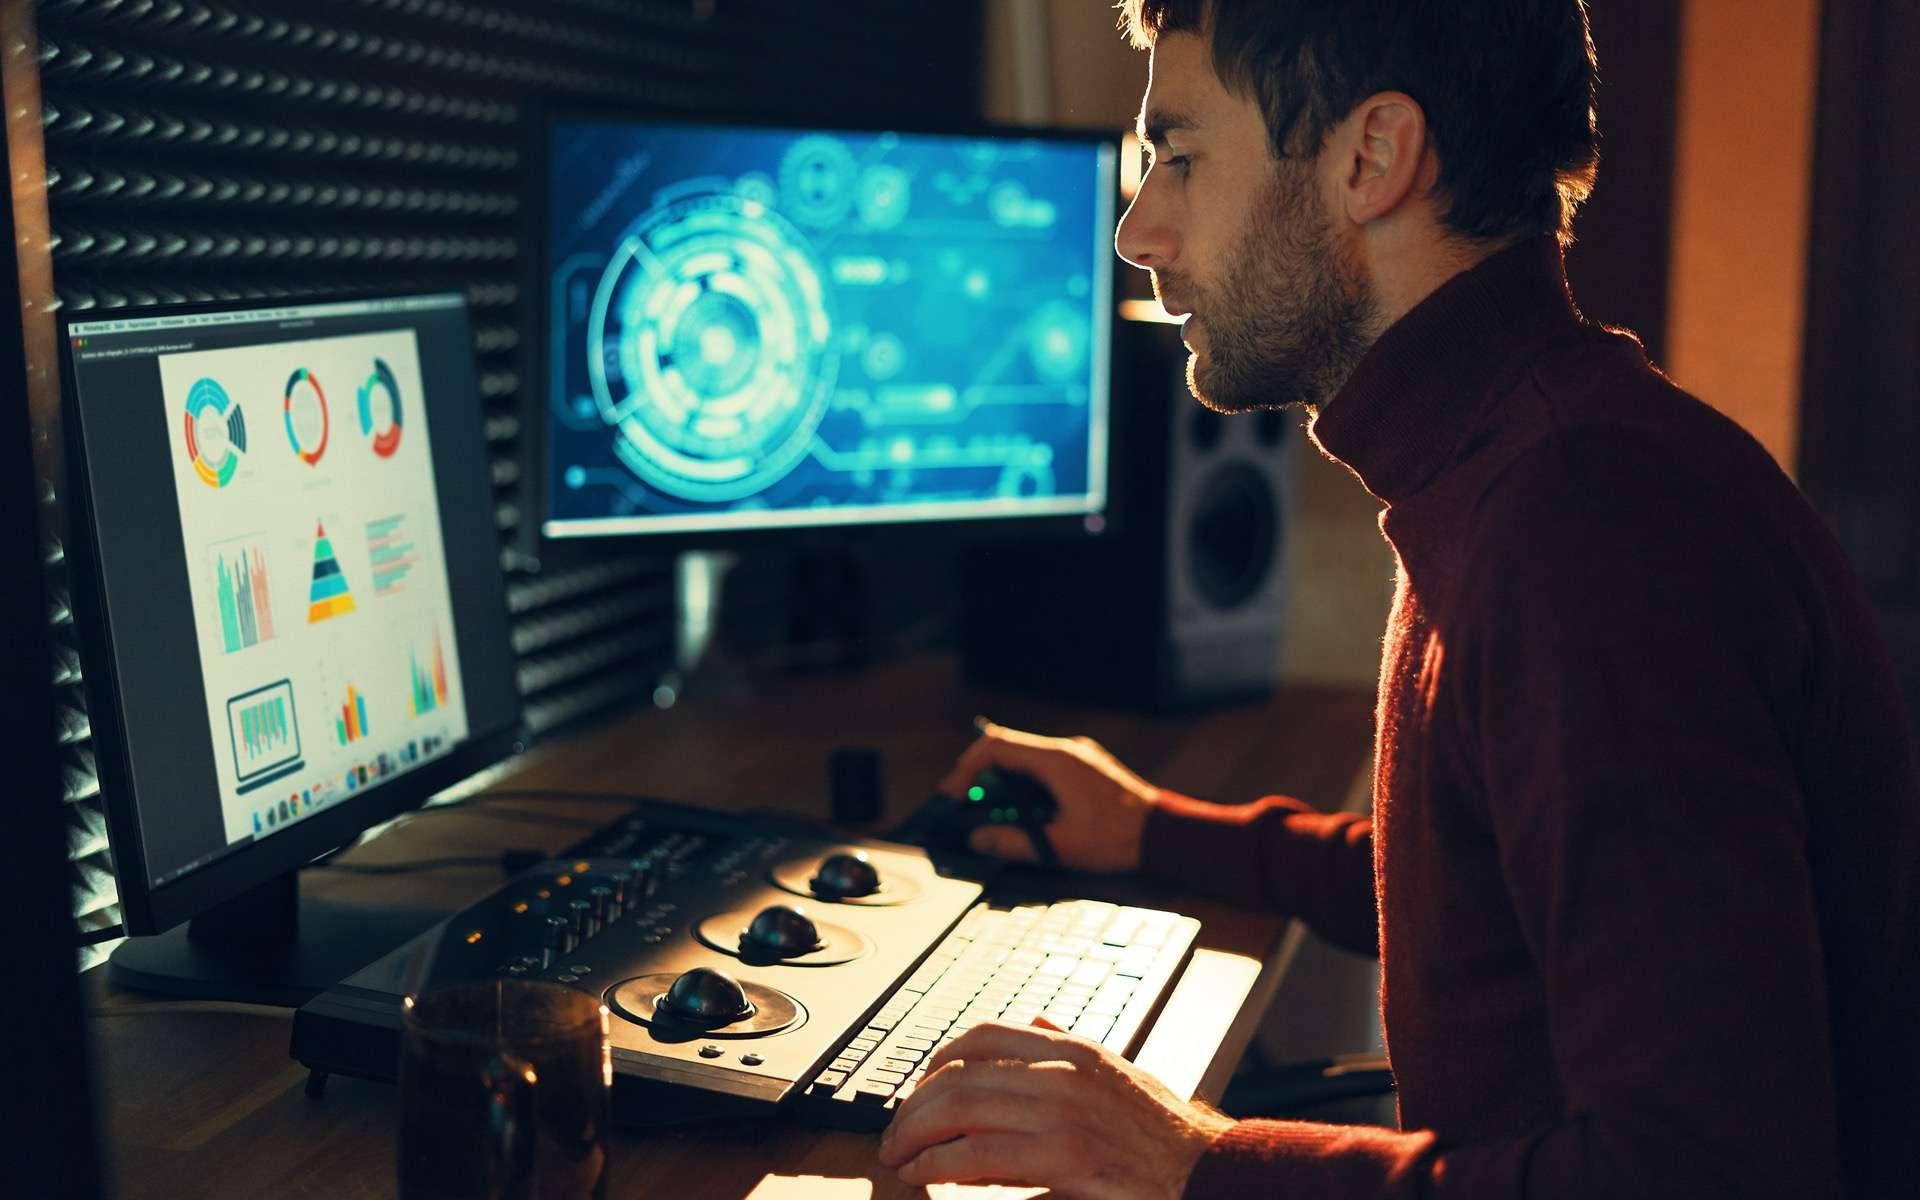 VideoProc, un logiciel de montage video, est proposé durant le Black Friday, avec une licence à vie et à un prix très réduit. © diignat, Adobe Stock